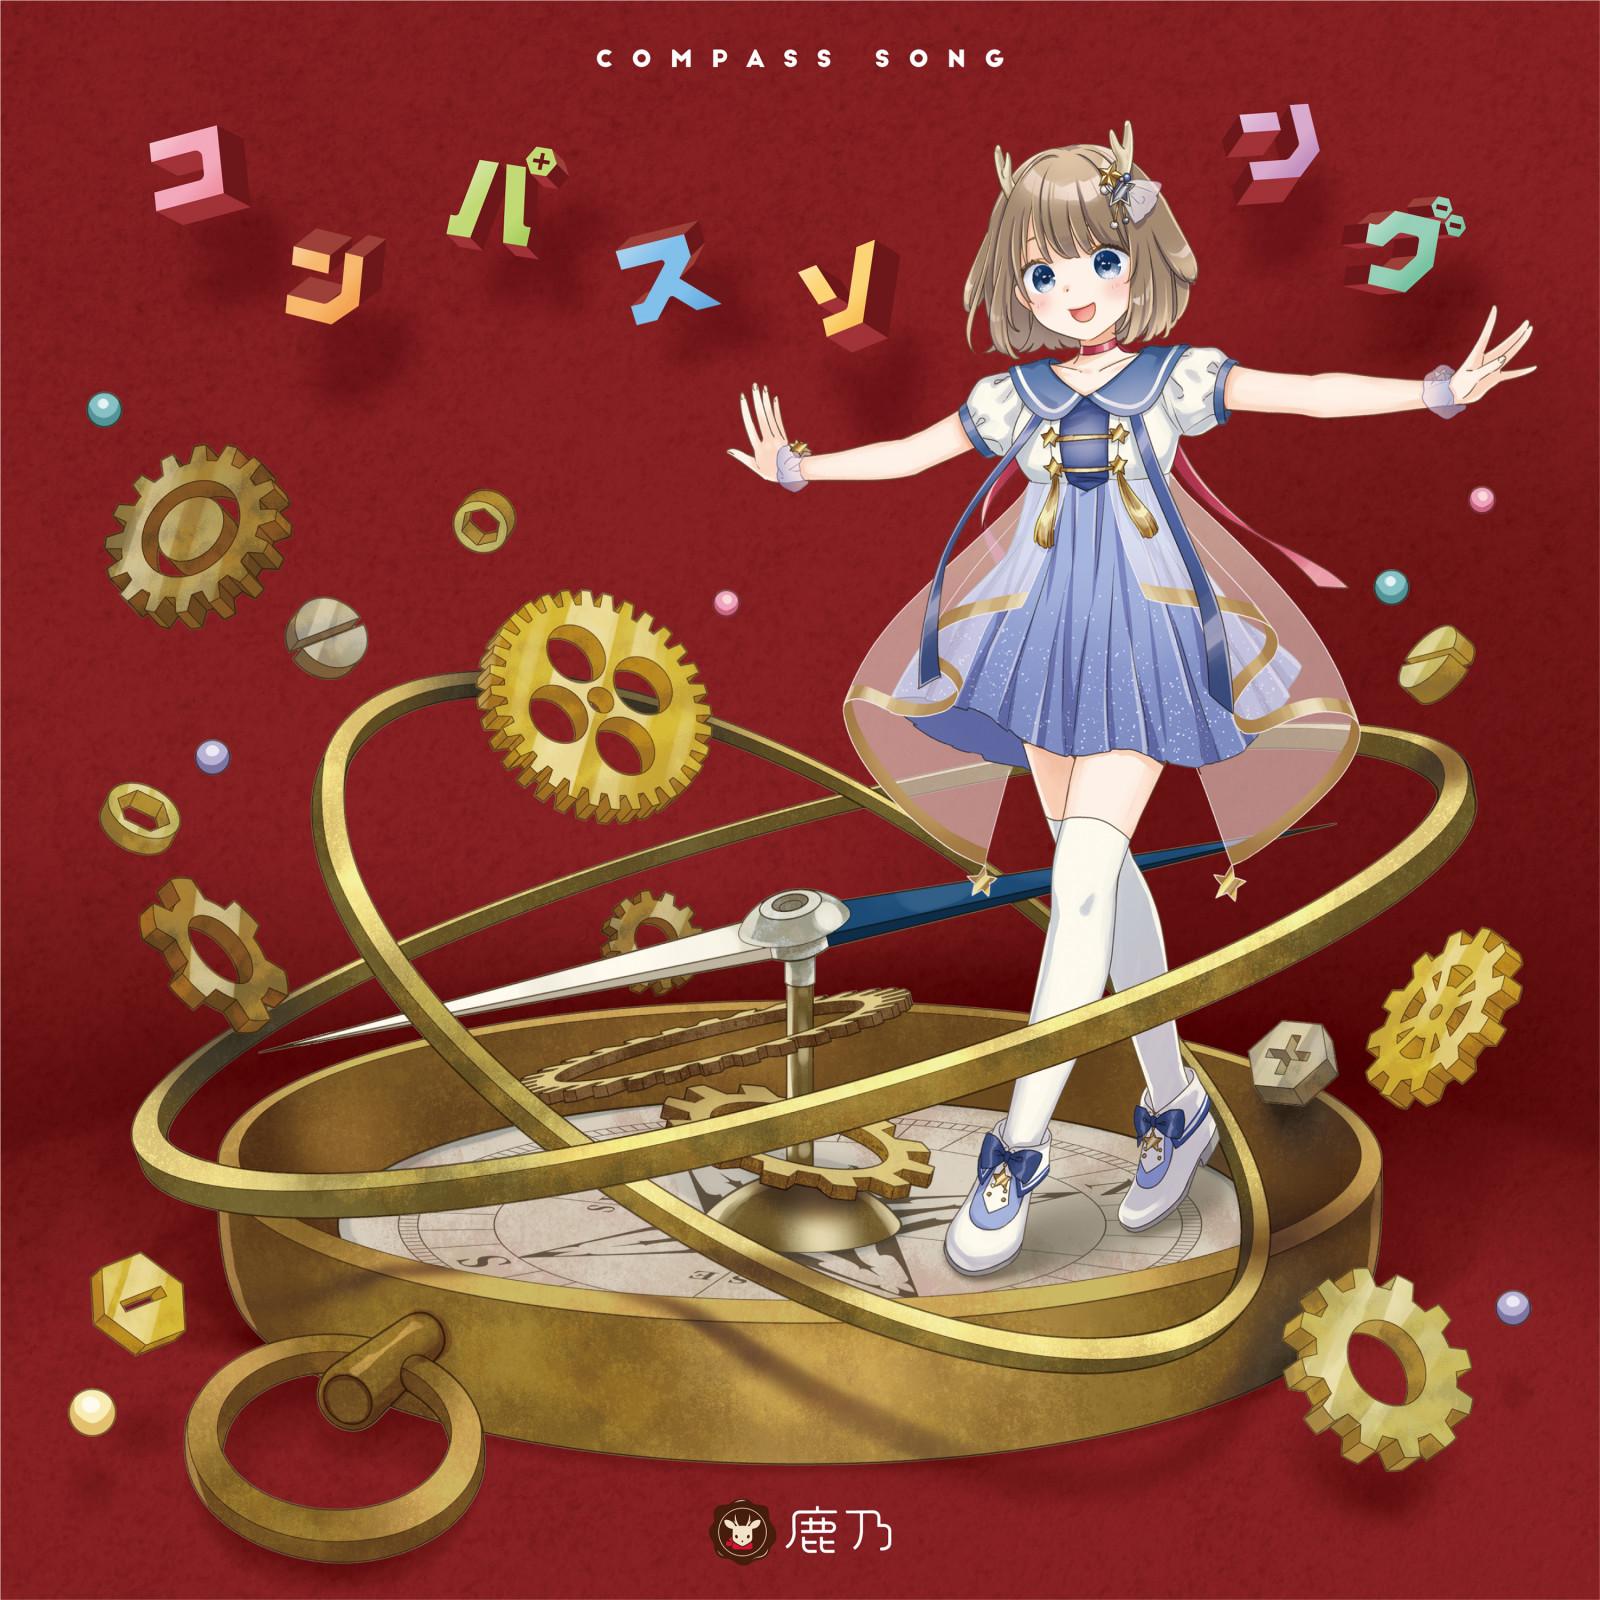 鹿乃 - コンパスソング [2021.01.27+MP3+RAR]